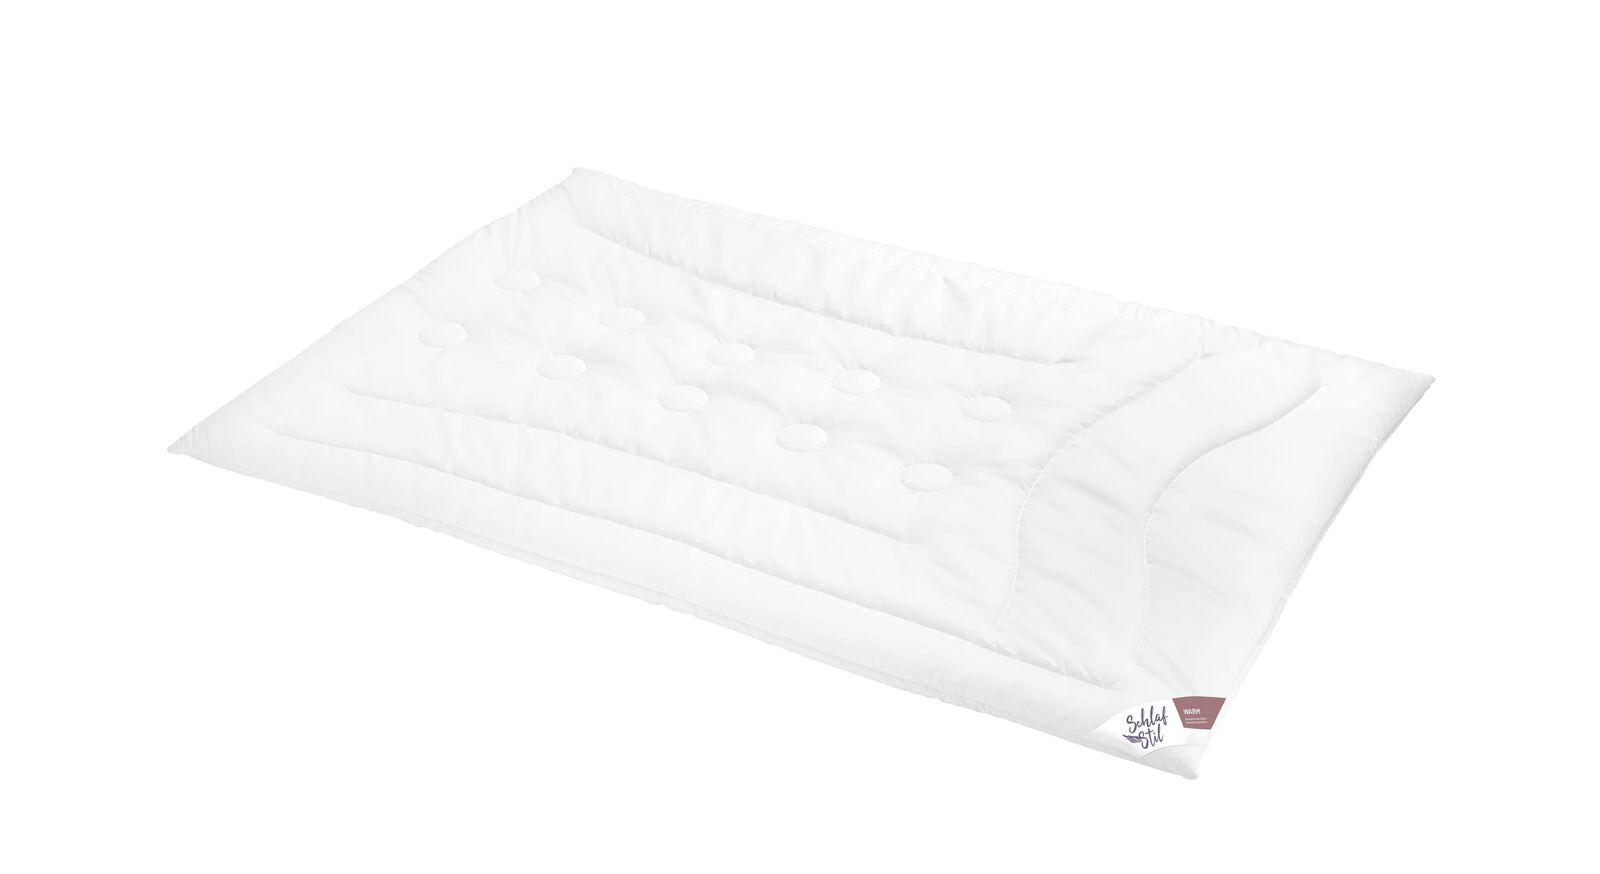 SCHLAFSTIL Markenfaser-Bettdecke F400 warm für hohen Wärmebedarf